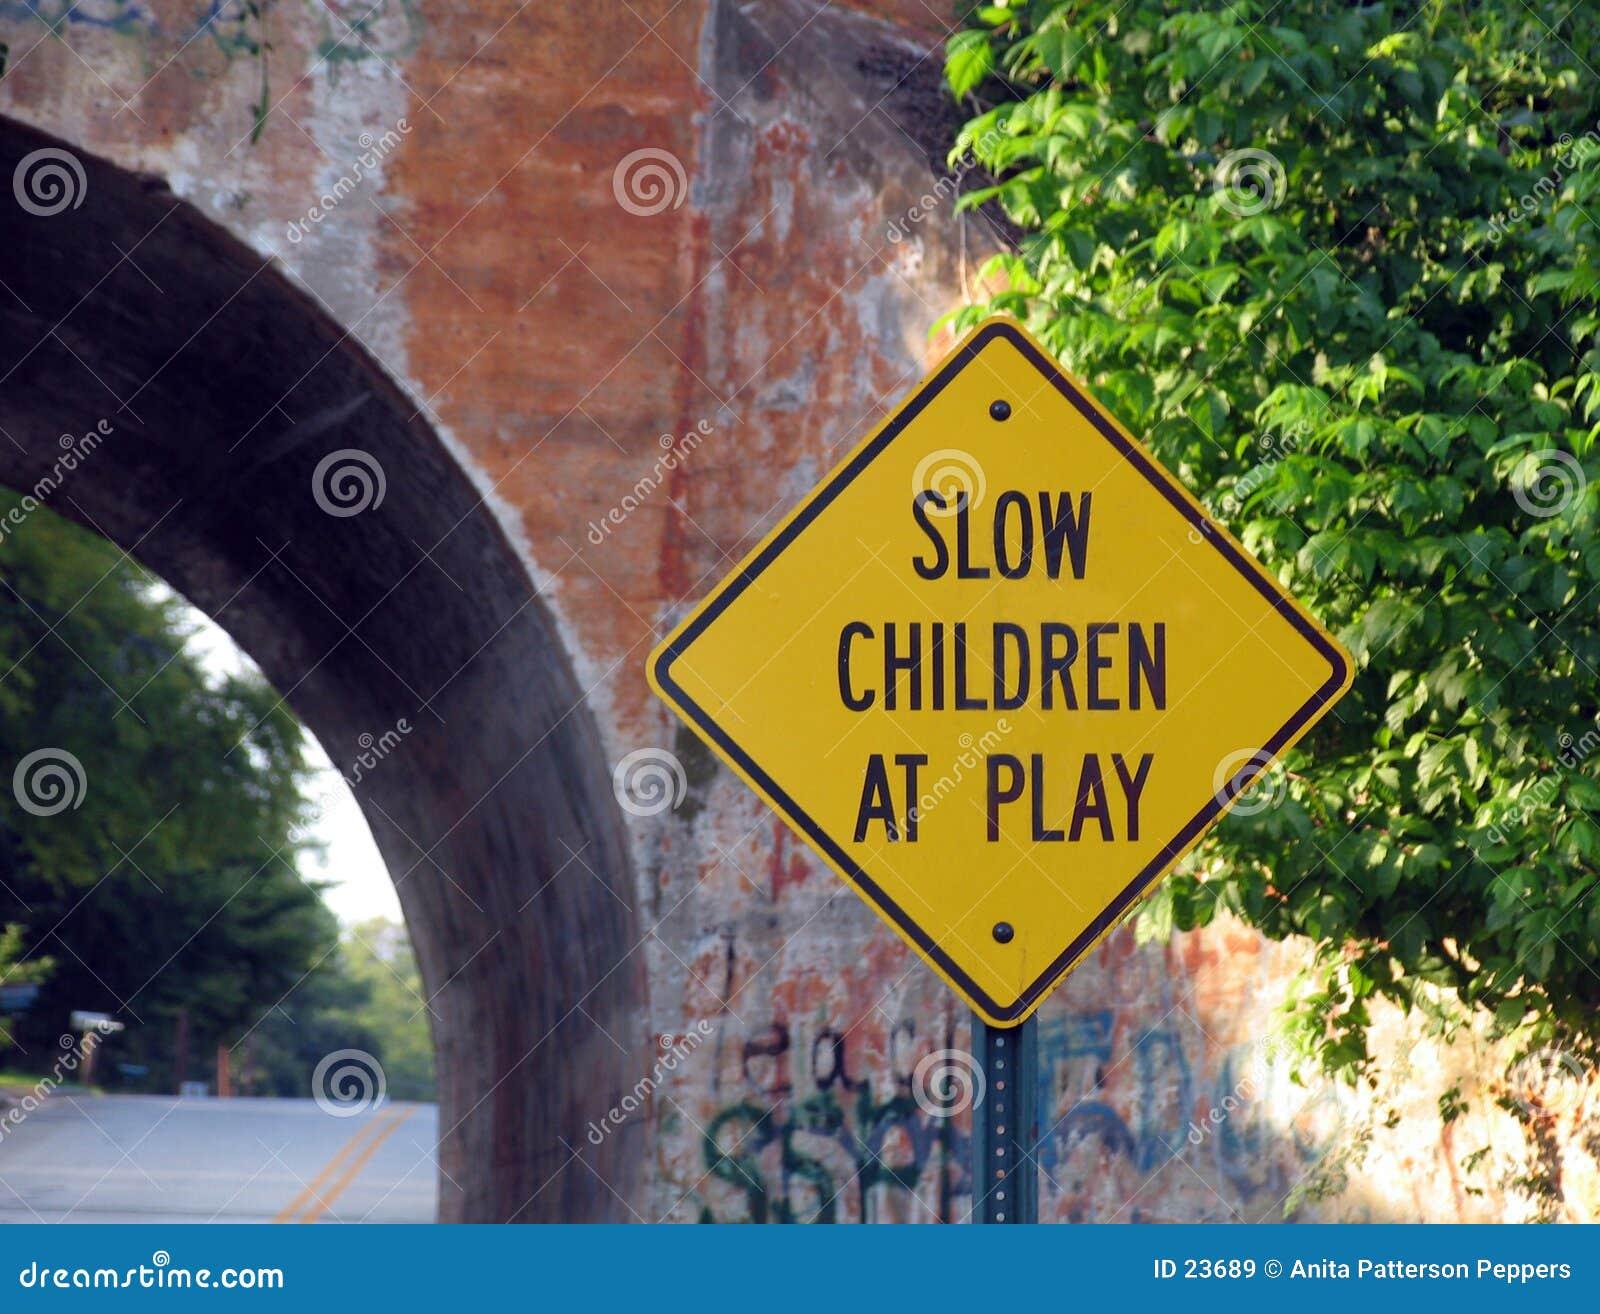 Tecken för barnspelrum